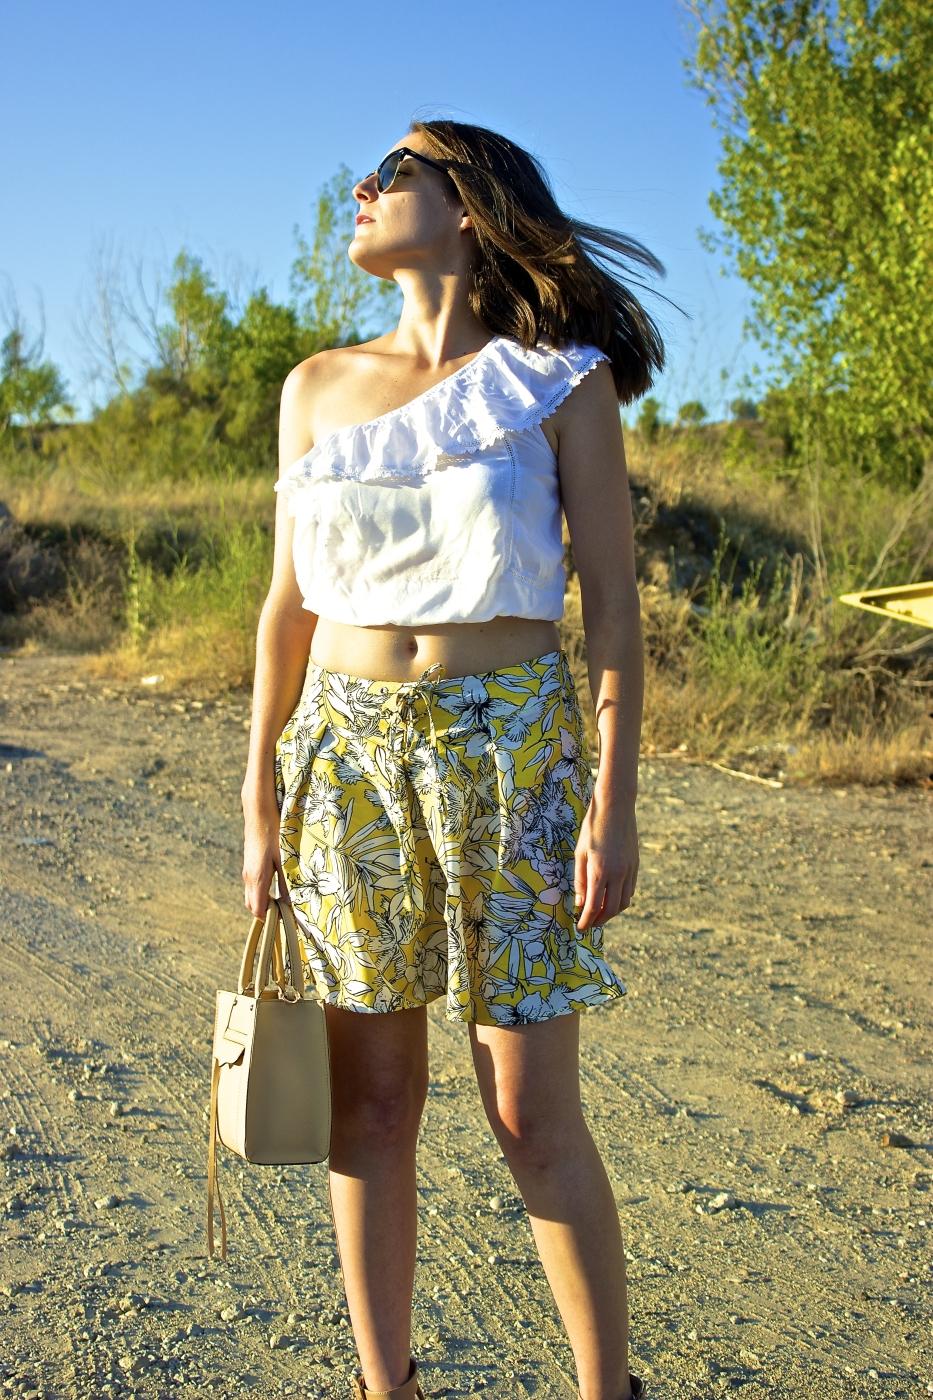 lara-vazquez-mad-lula-style-fashionblog-summer